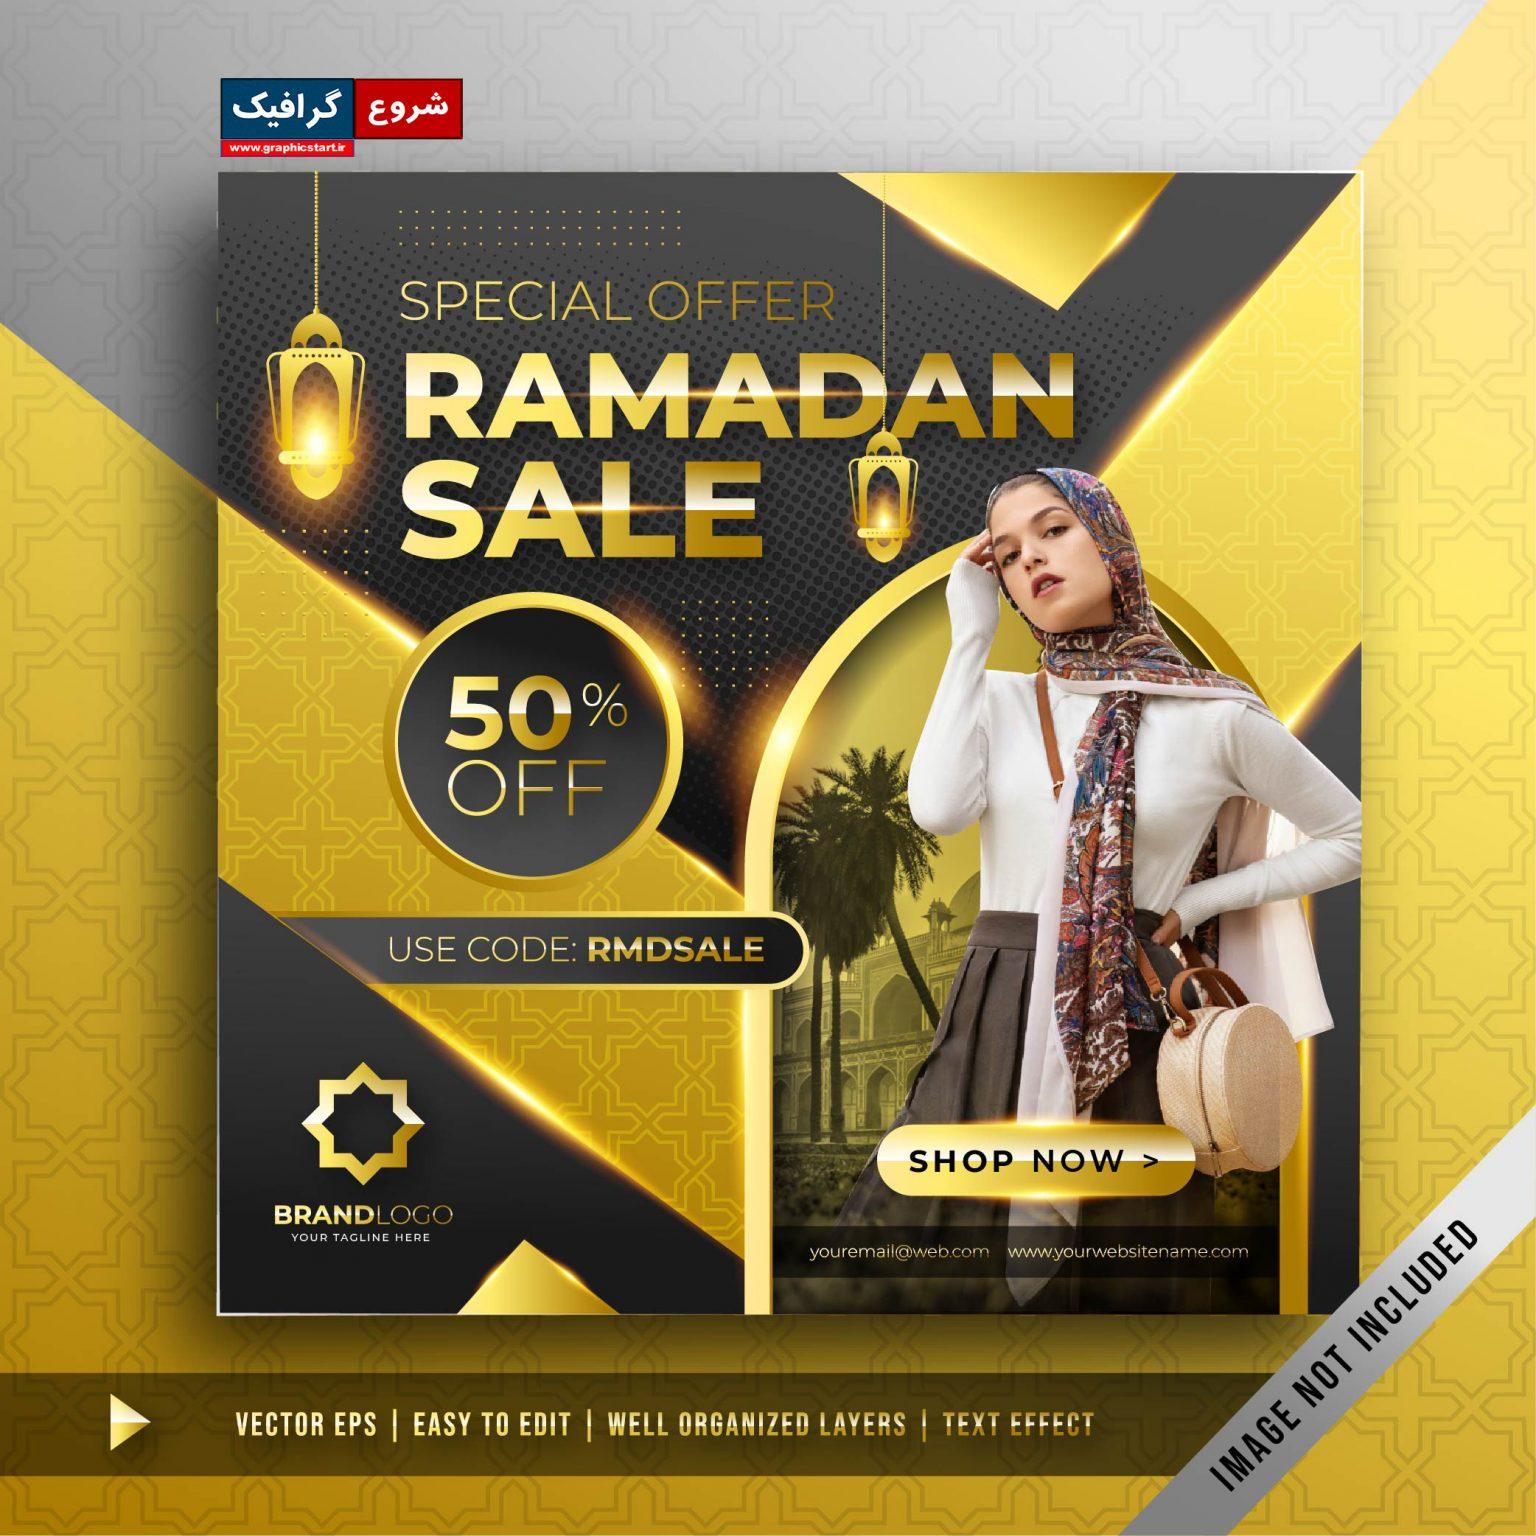 دانلود پست اینستاگرامی لاکچری با موضوع ماه رمضان